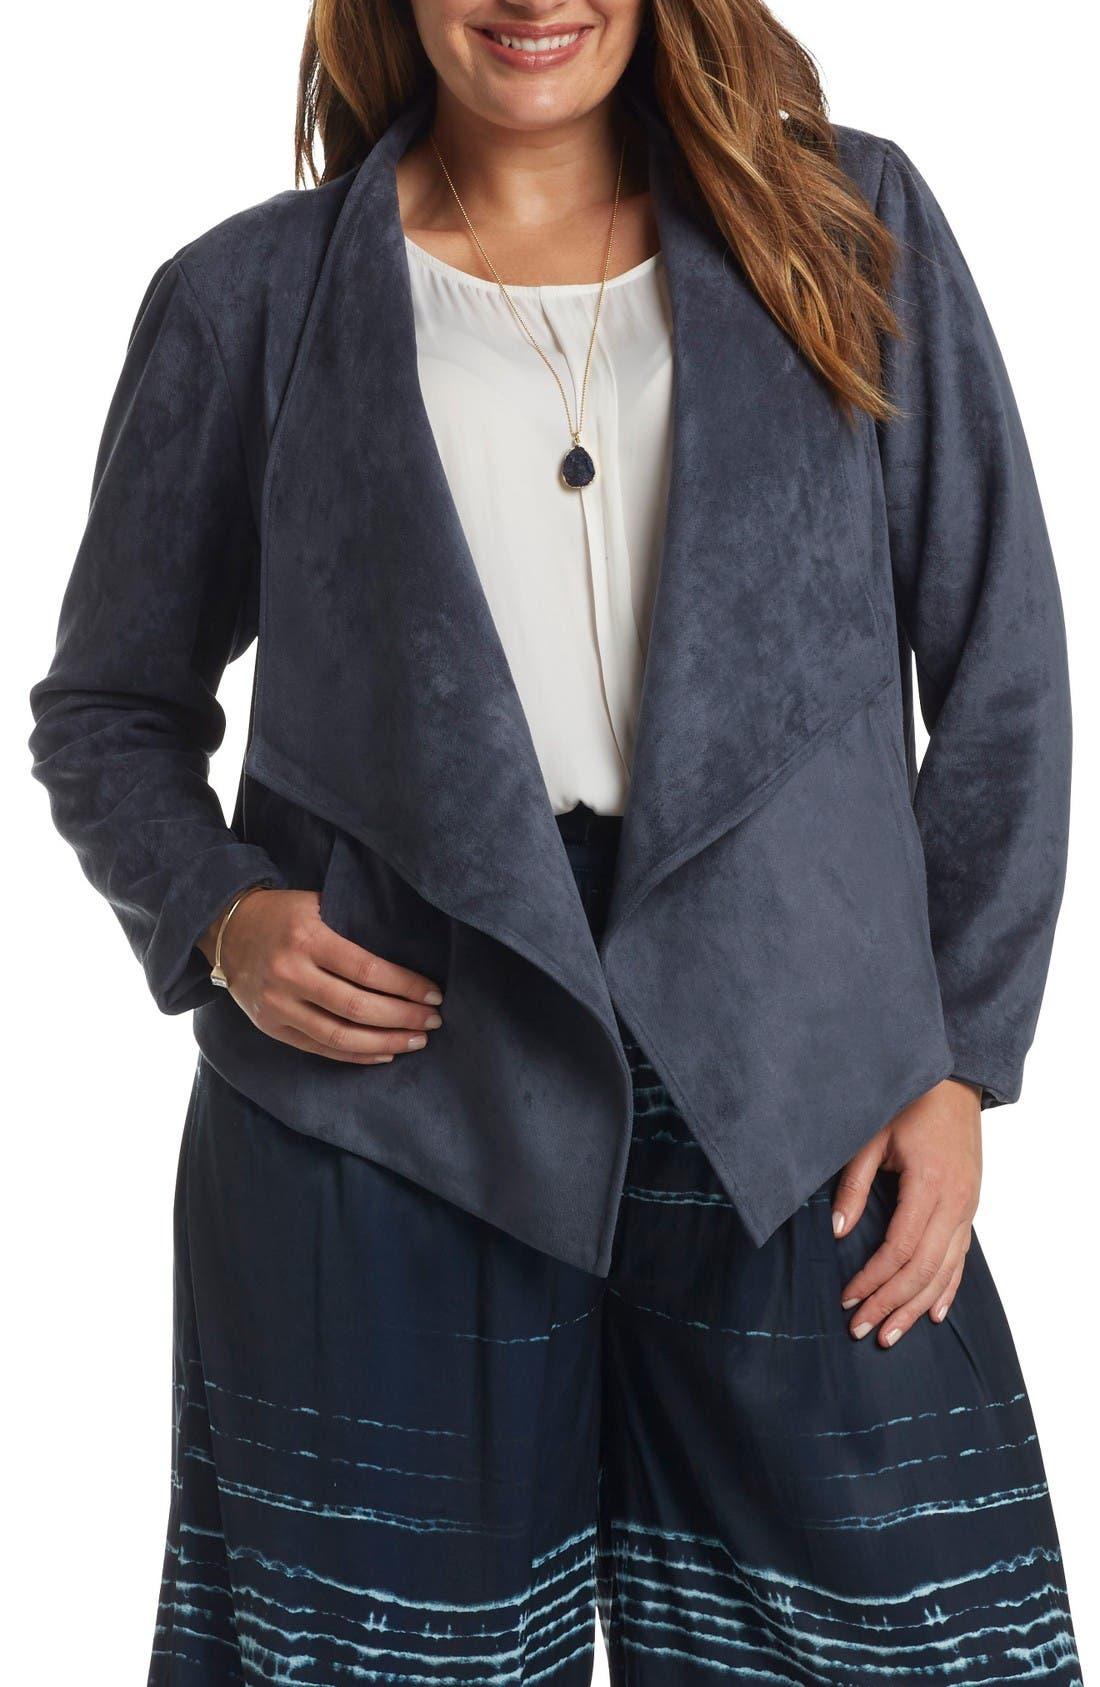 Main Image - Tart Sybil Faux Suede Drape Front Jacket (Plus Size)